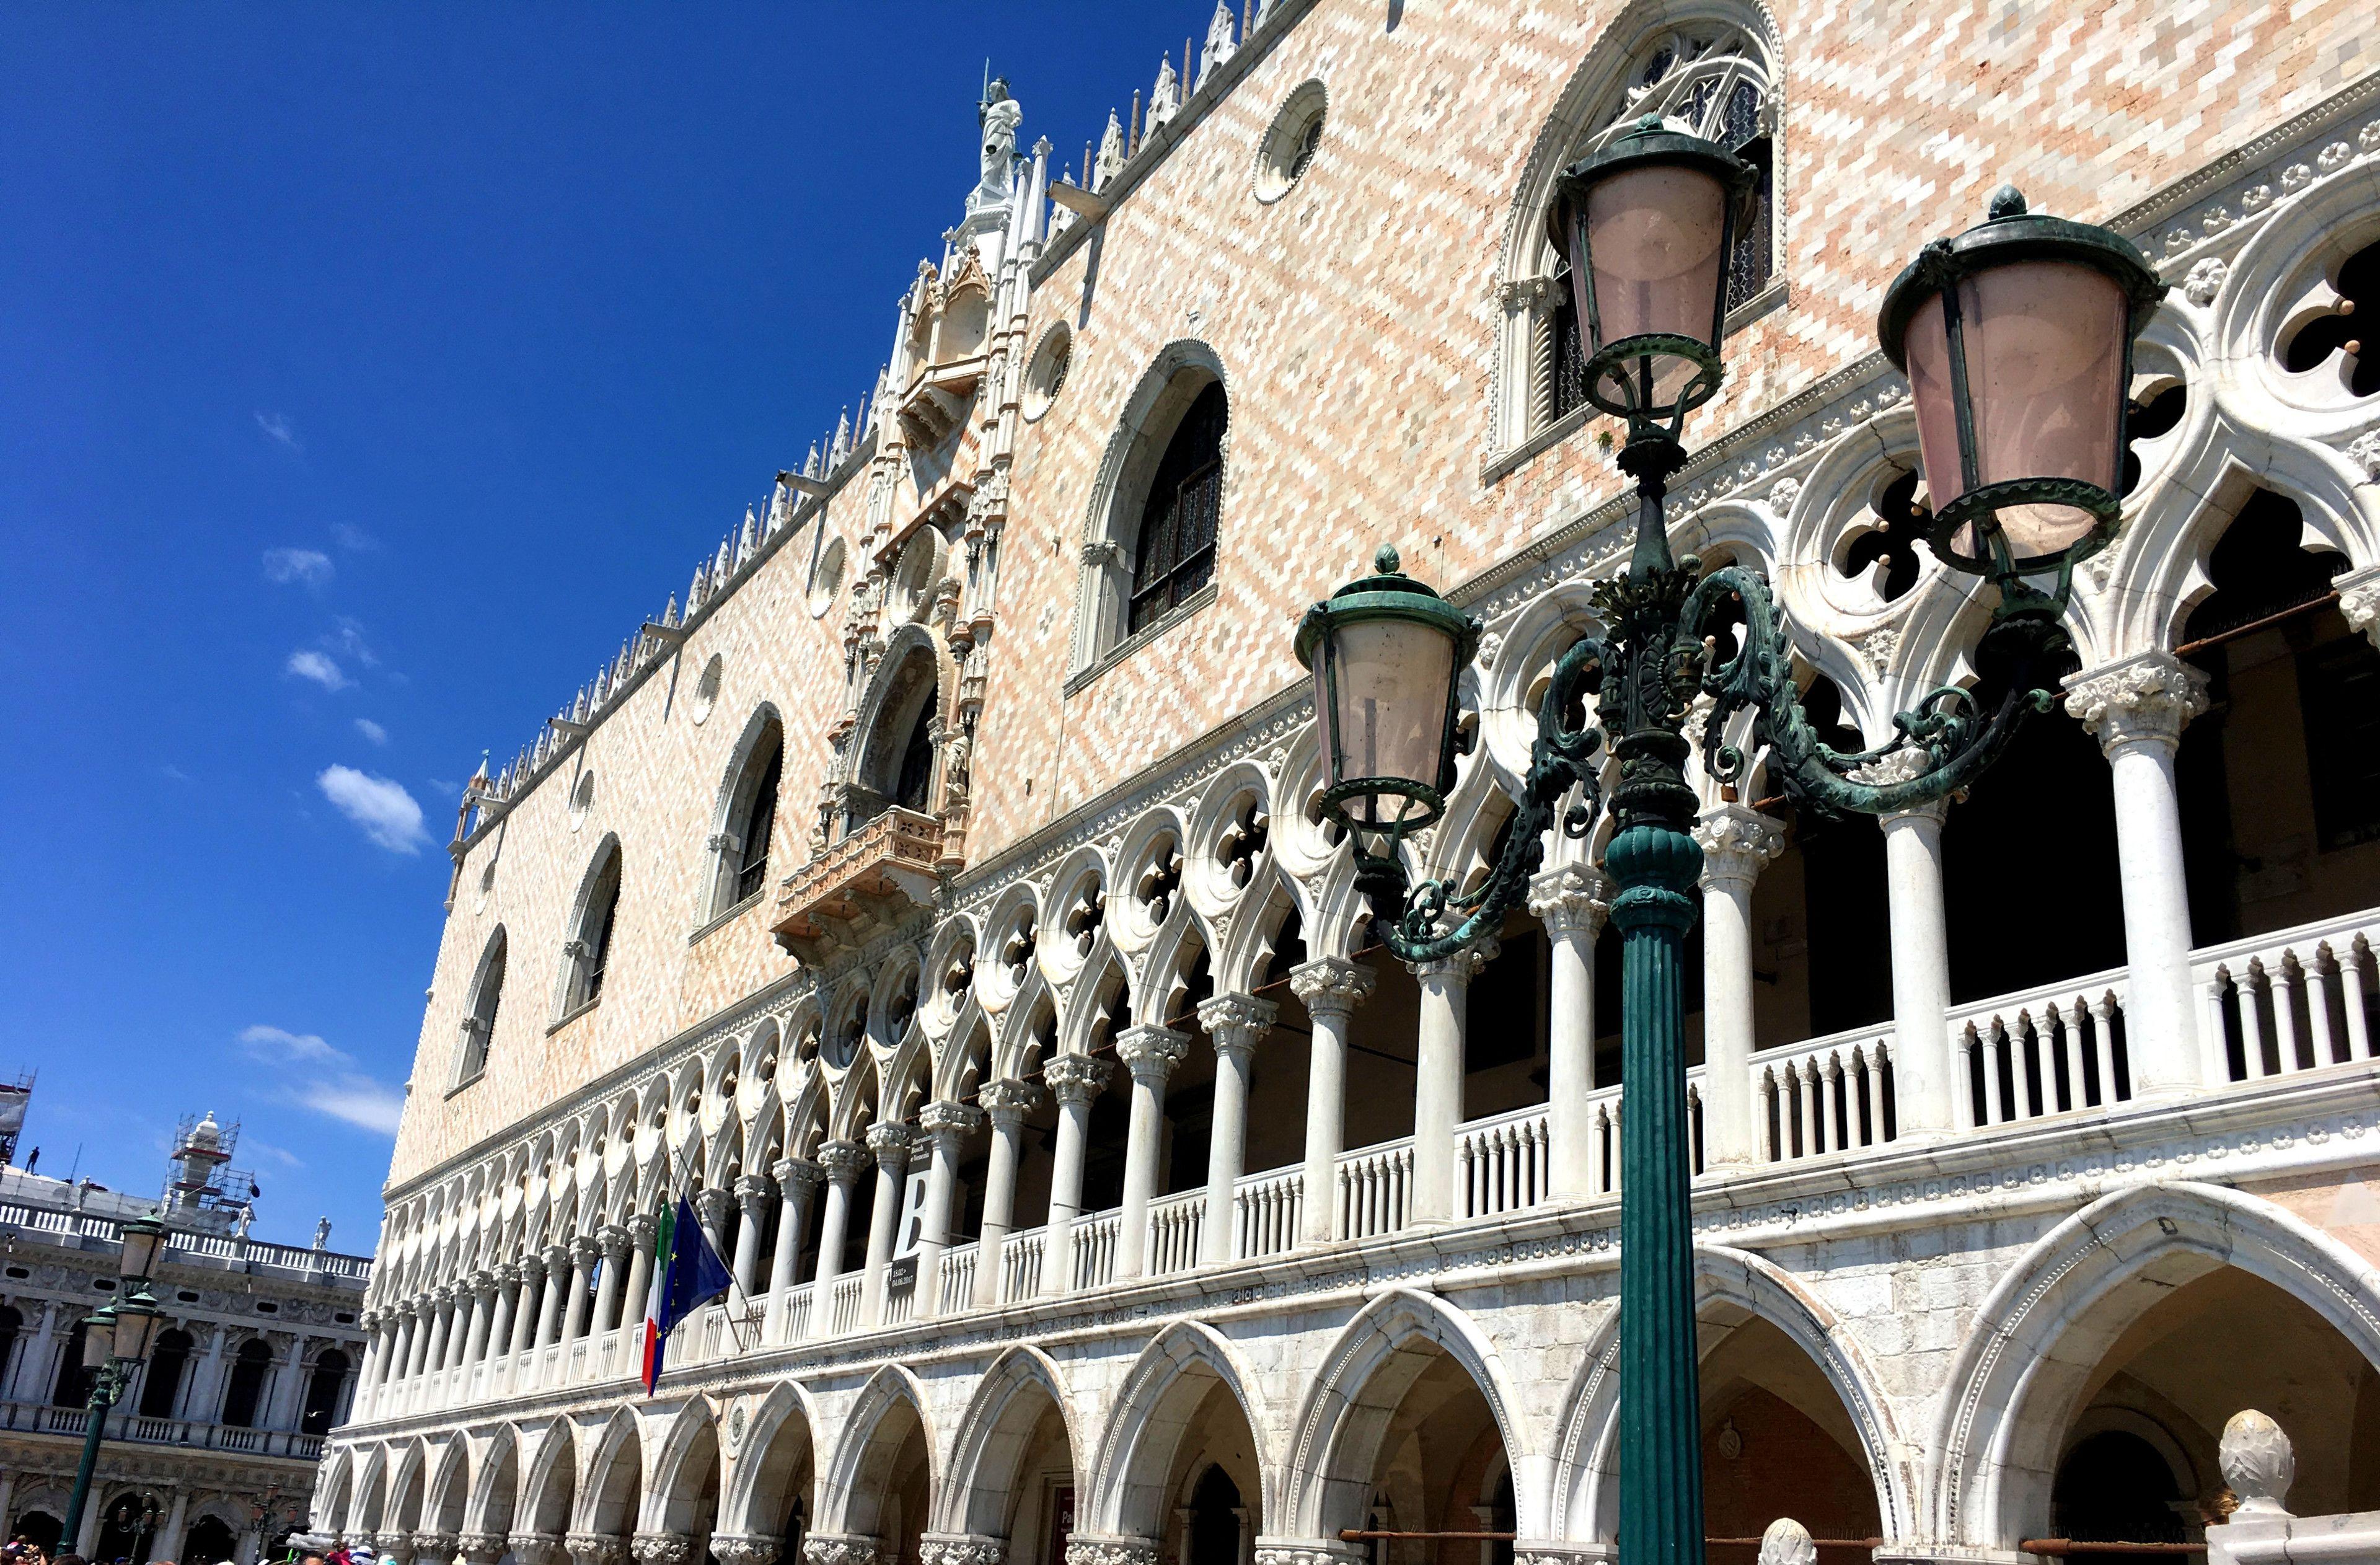 Pacchetto combinato: tour del Palazzo Ducale e della Basilica di San Marco ...